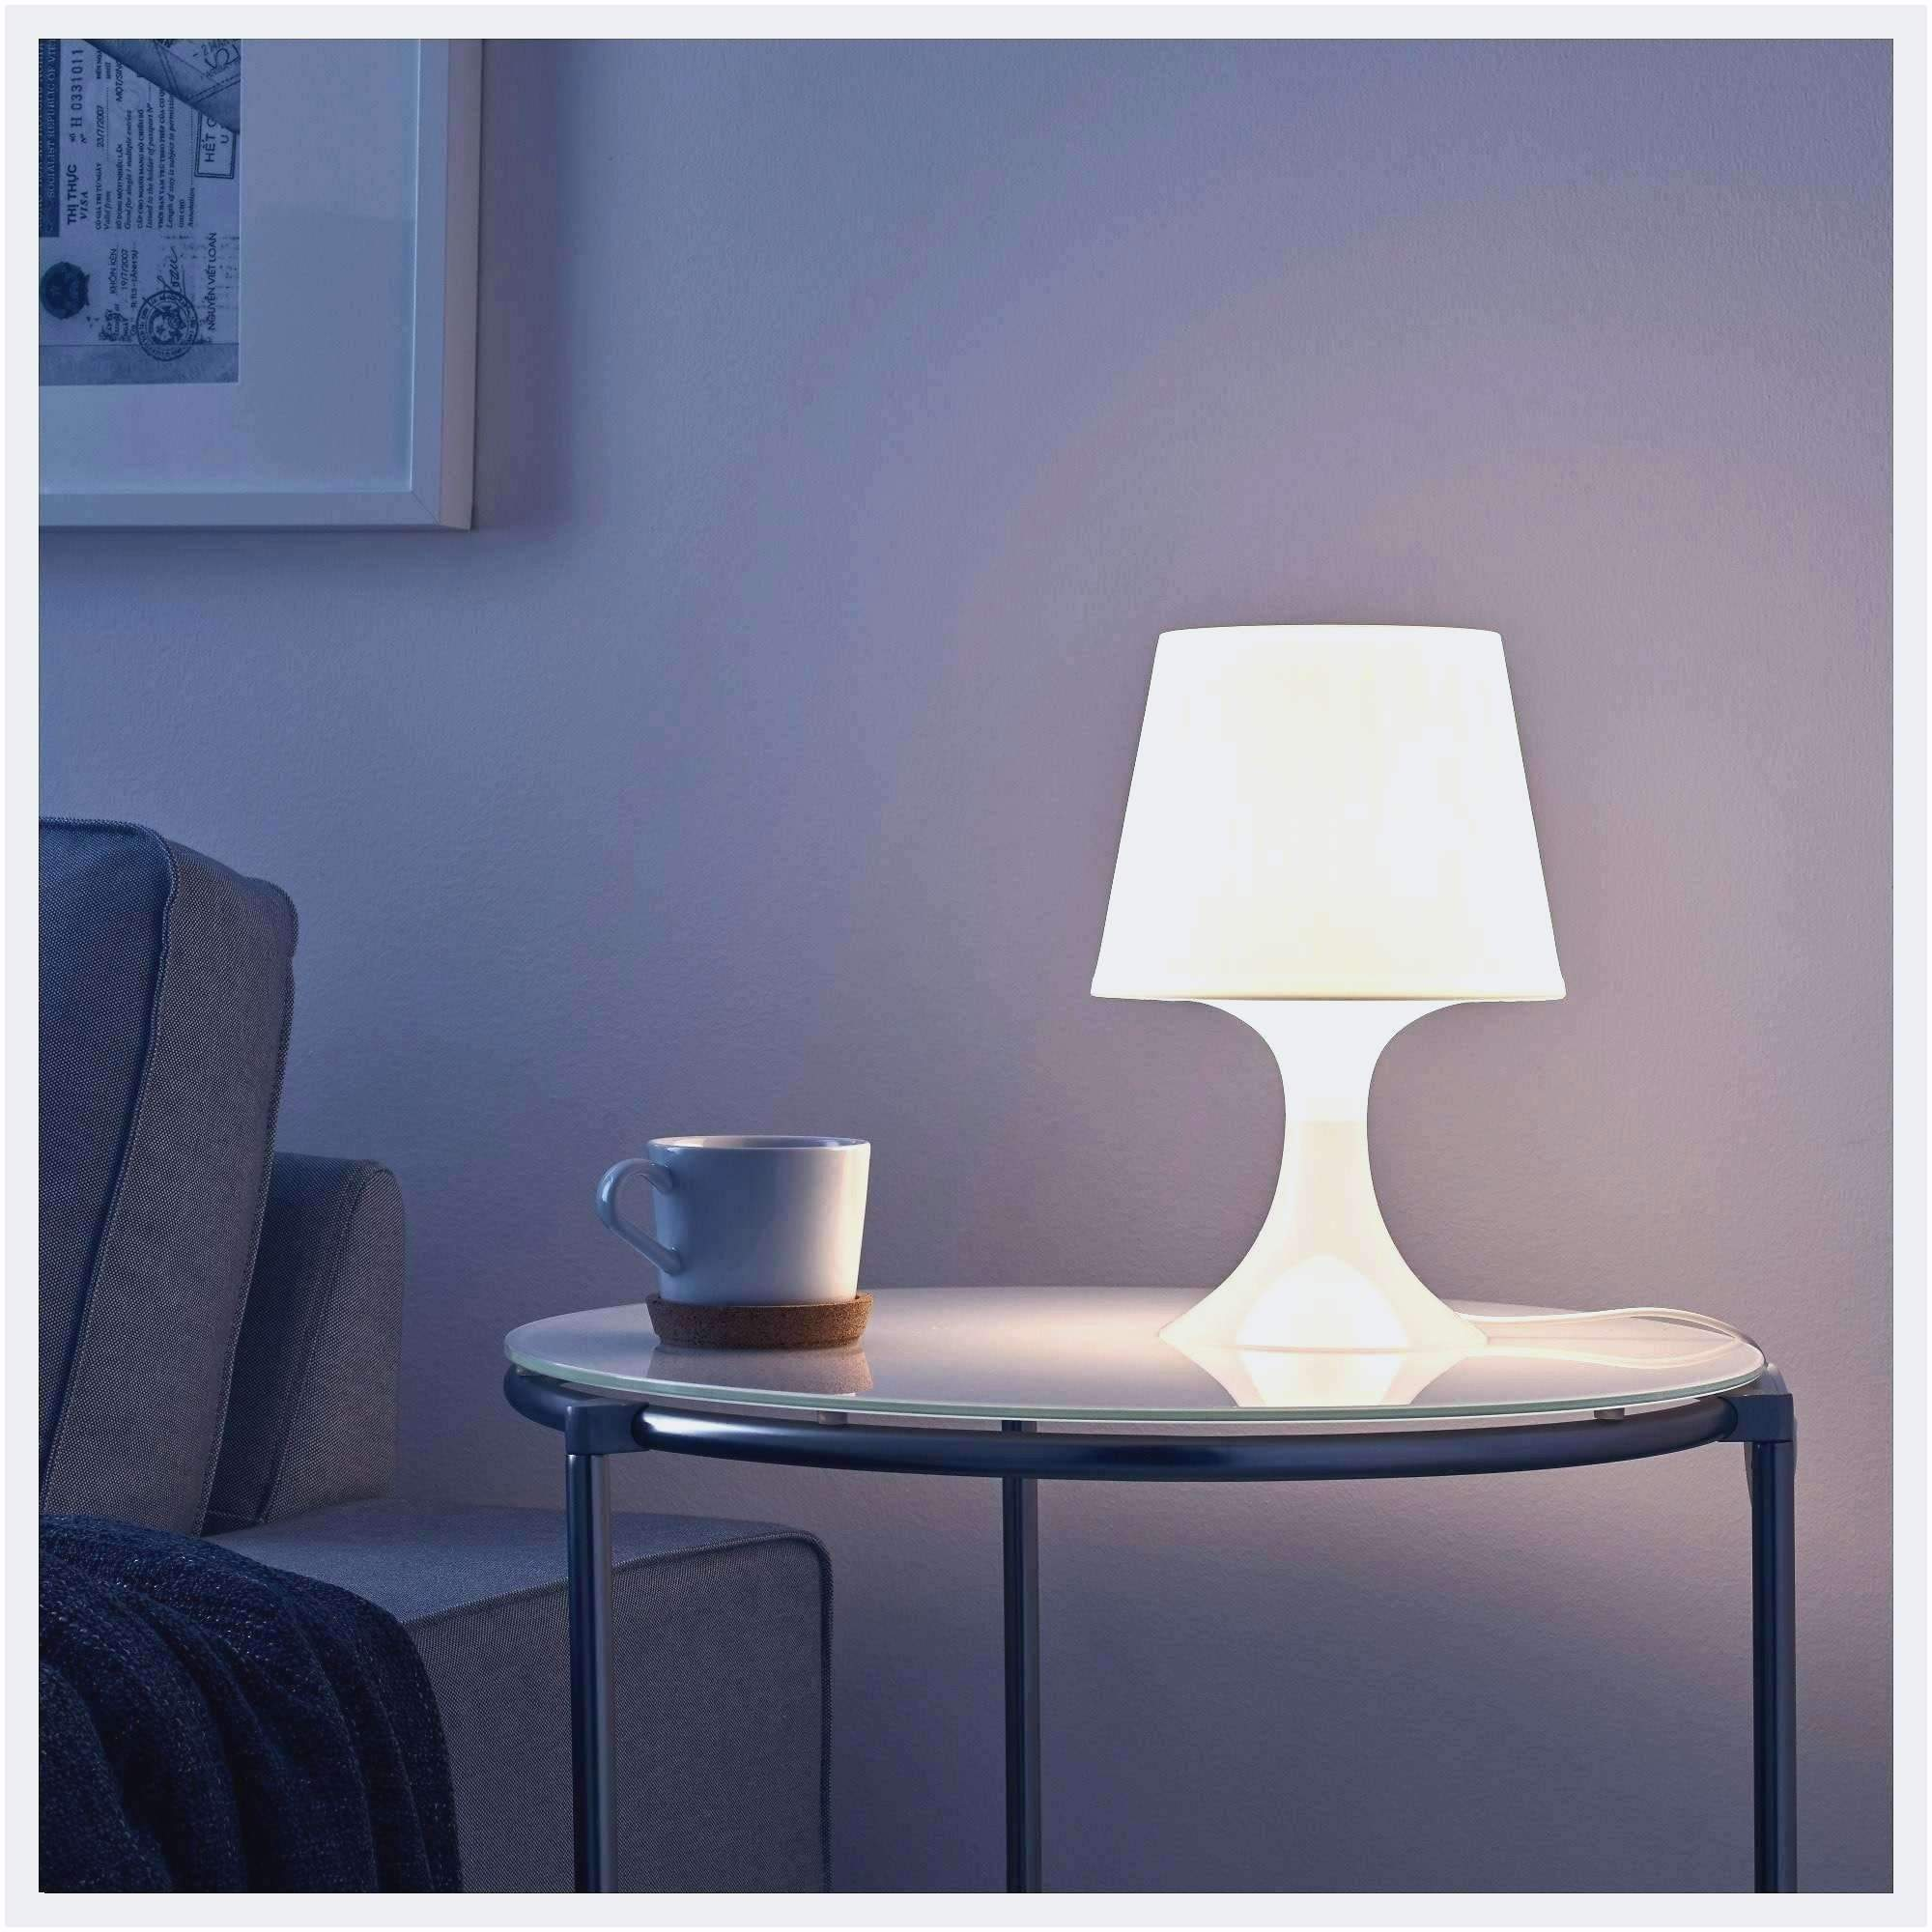 stehlampe garten das beste von 37 luxus stehleuchte wohnzimmer genial of stehlampe garten